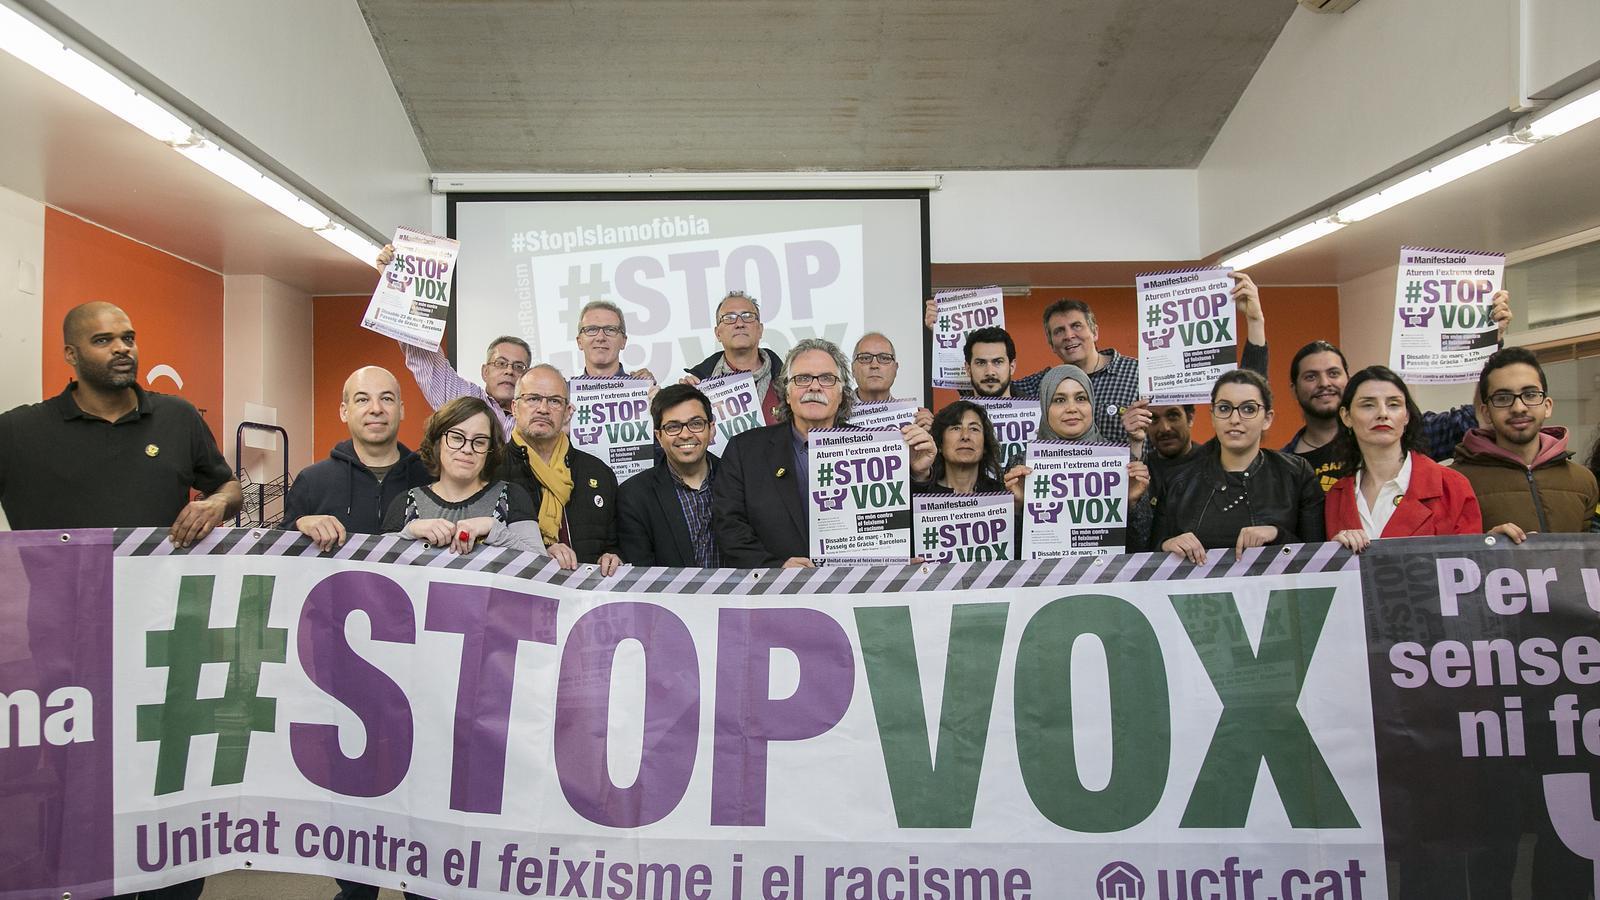 Barcelona celebrarà dissabte una manifestació contra el racisme de Vox